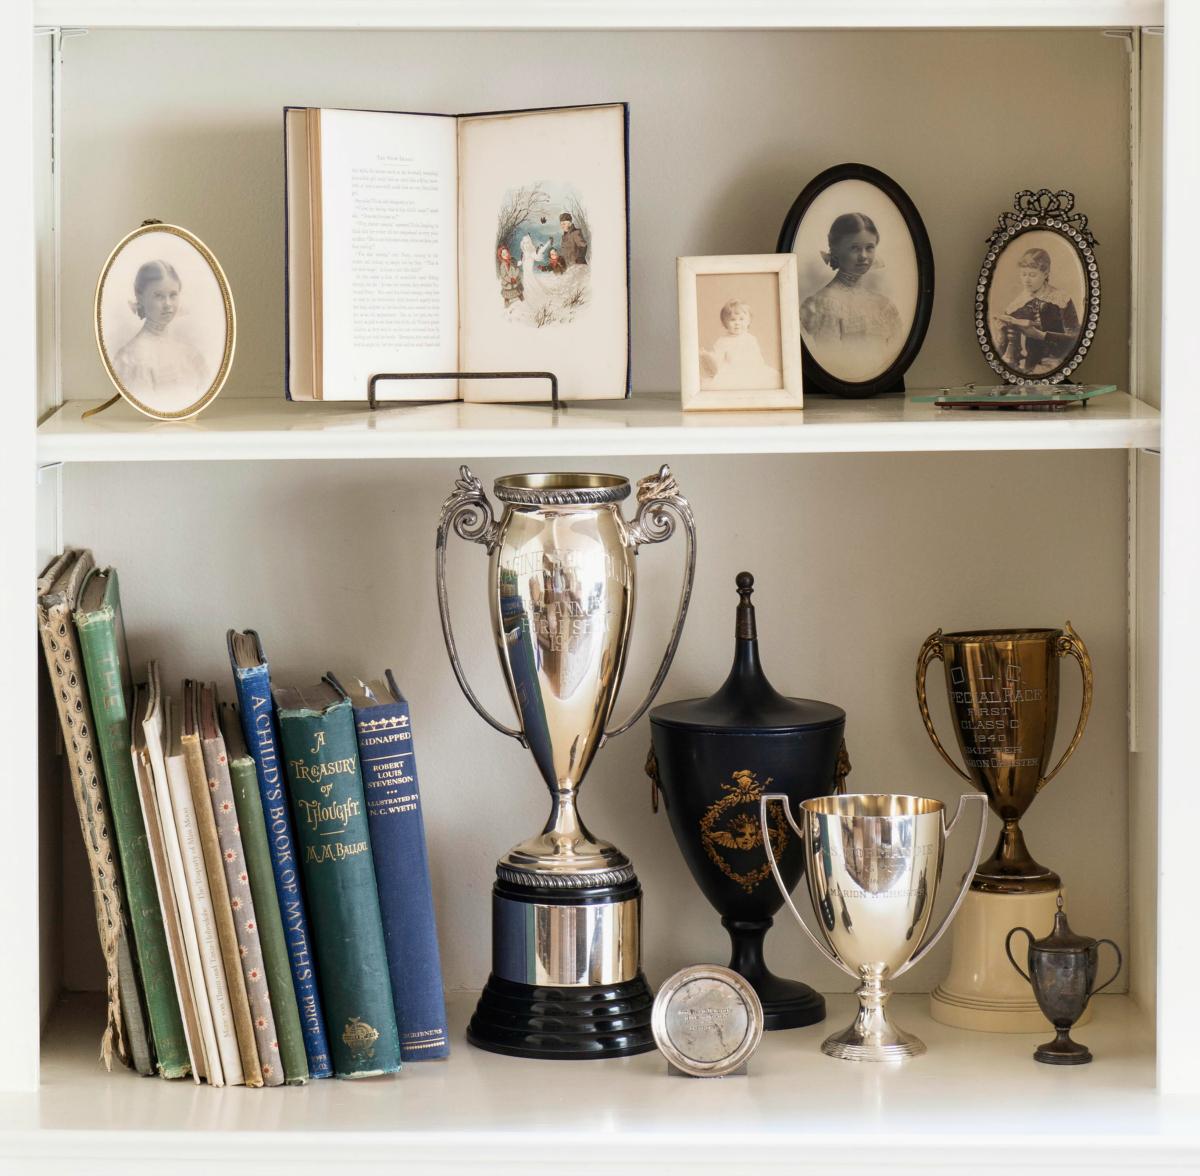 Alice_Bookshelves_06_1200.jpg